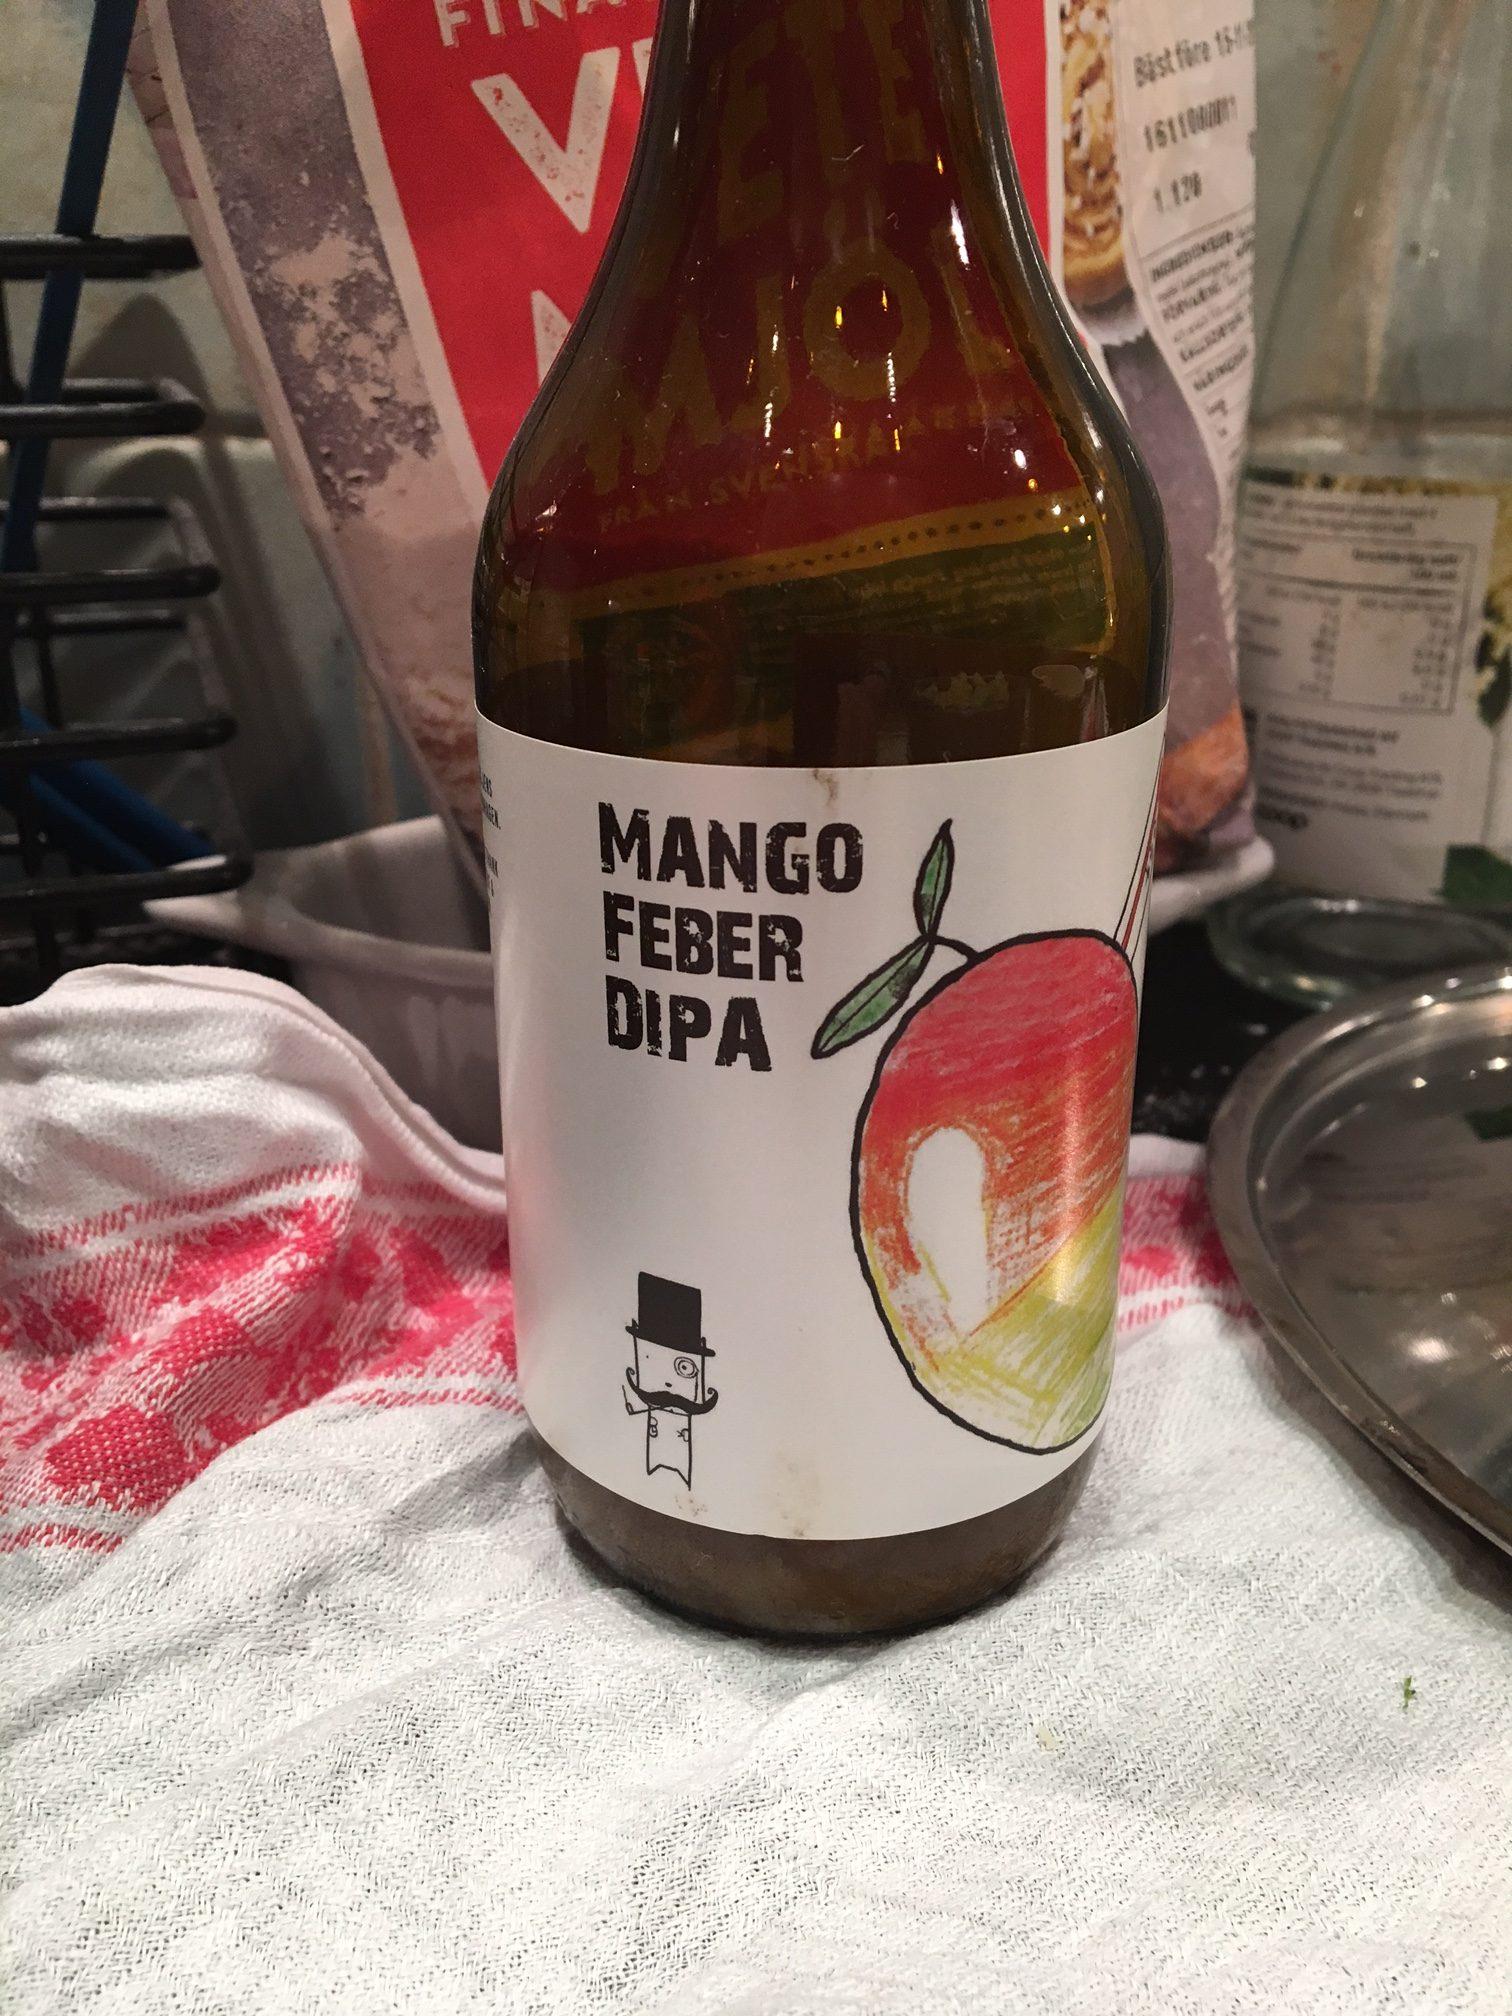 Mangofeber från Brewski.